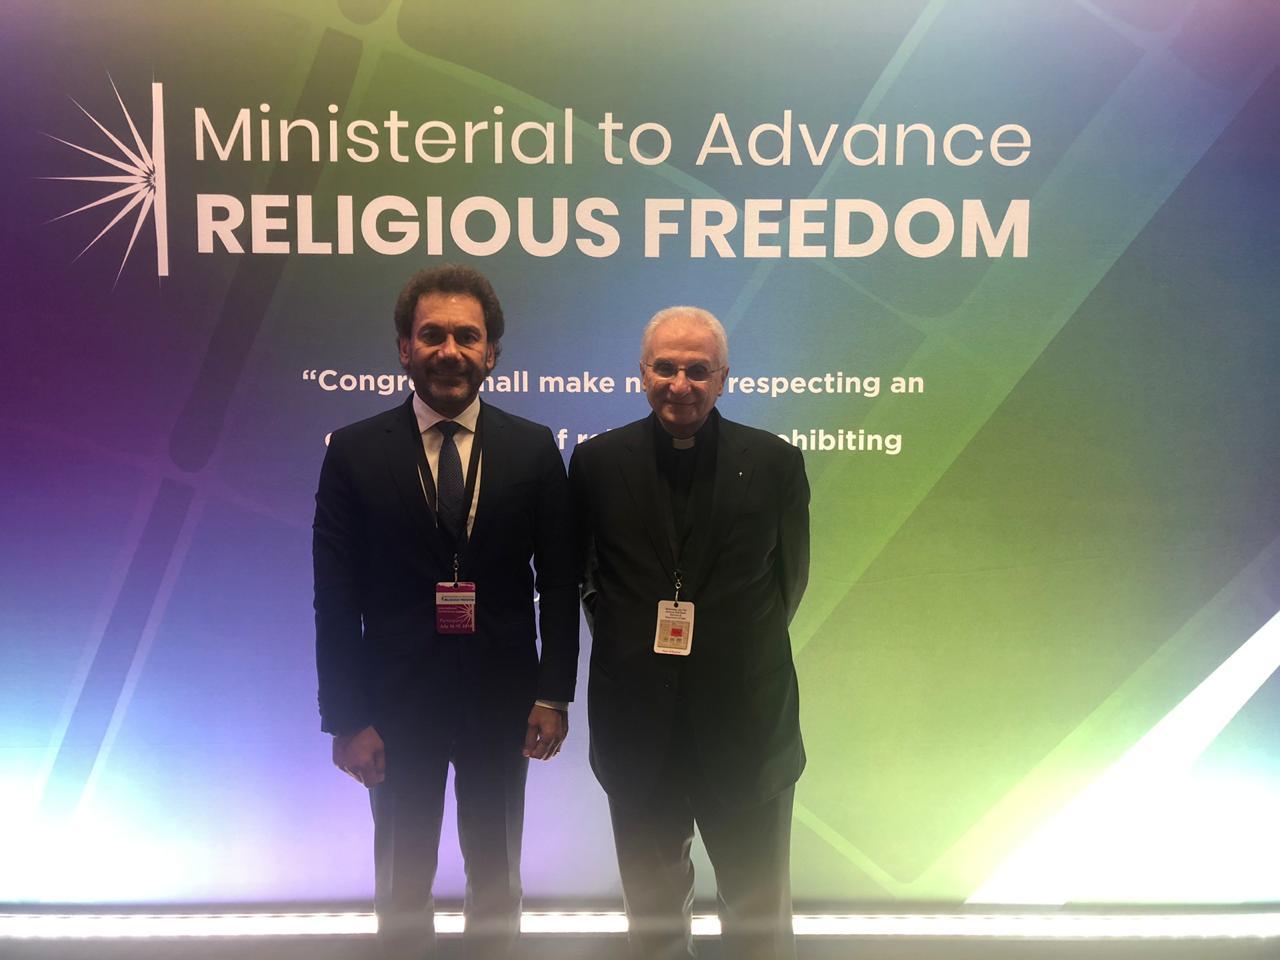 القسيس حبيب بدر في المؤتمر الوزاري لتعزيز الحرّية الدينيّة في واشنطن.jpg